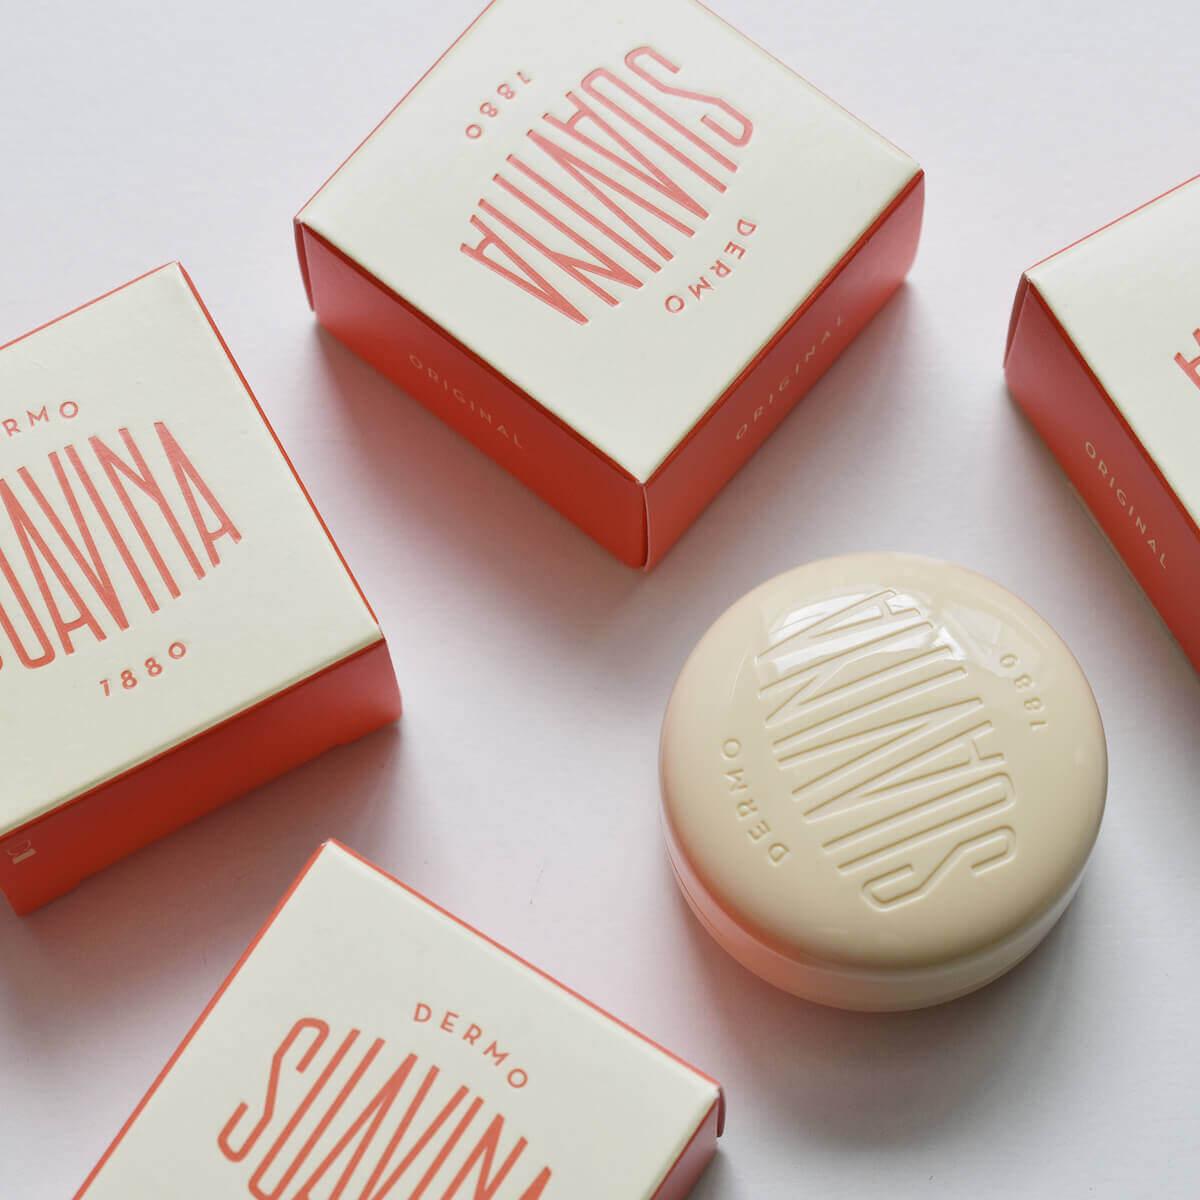 SUAVINA original lip balm